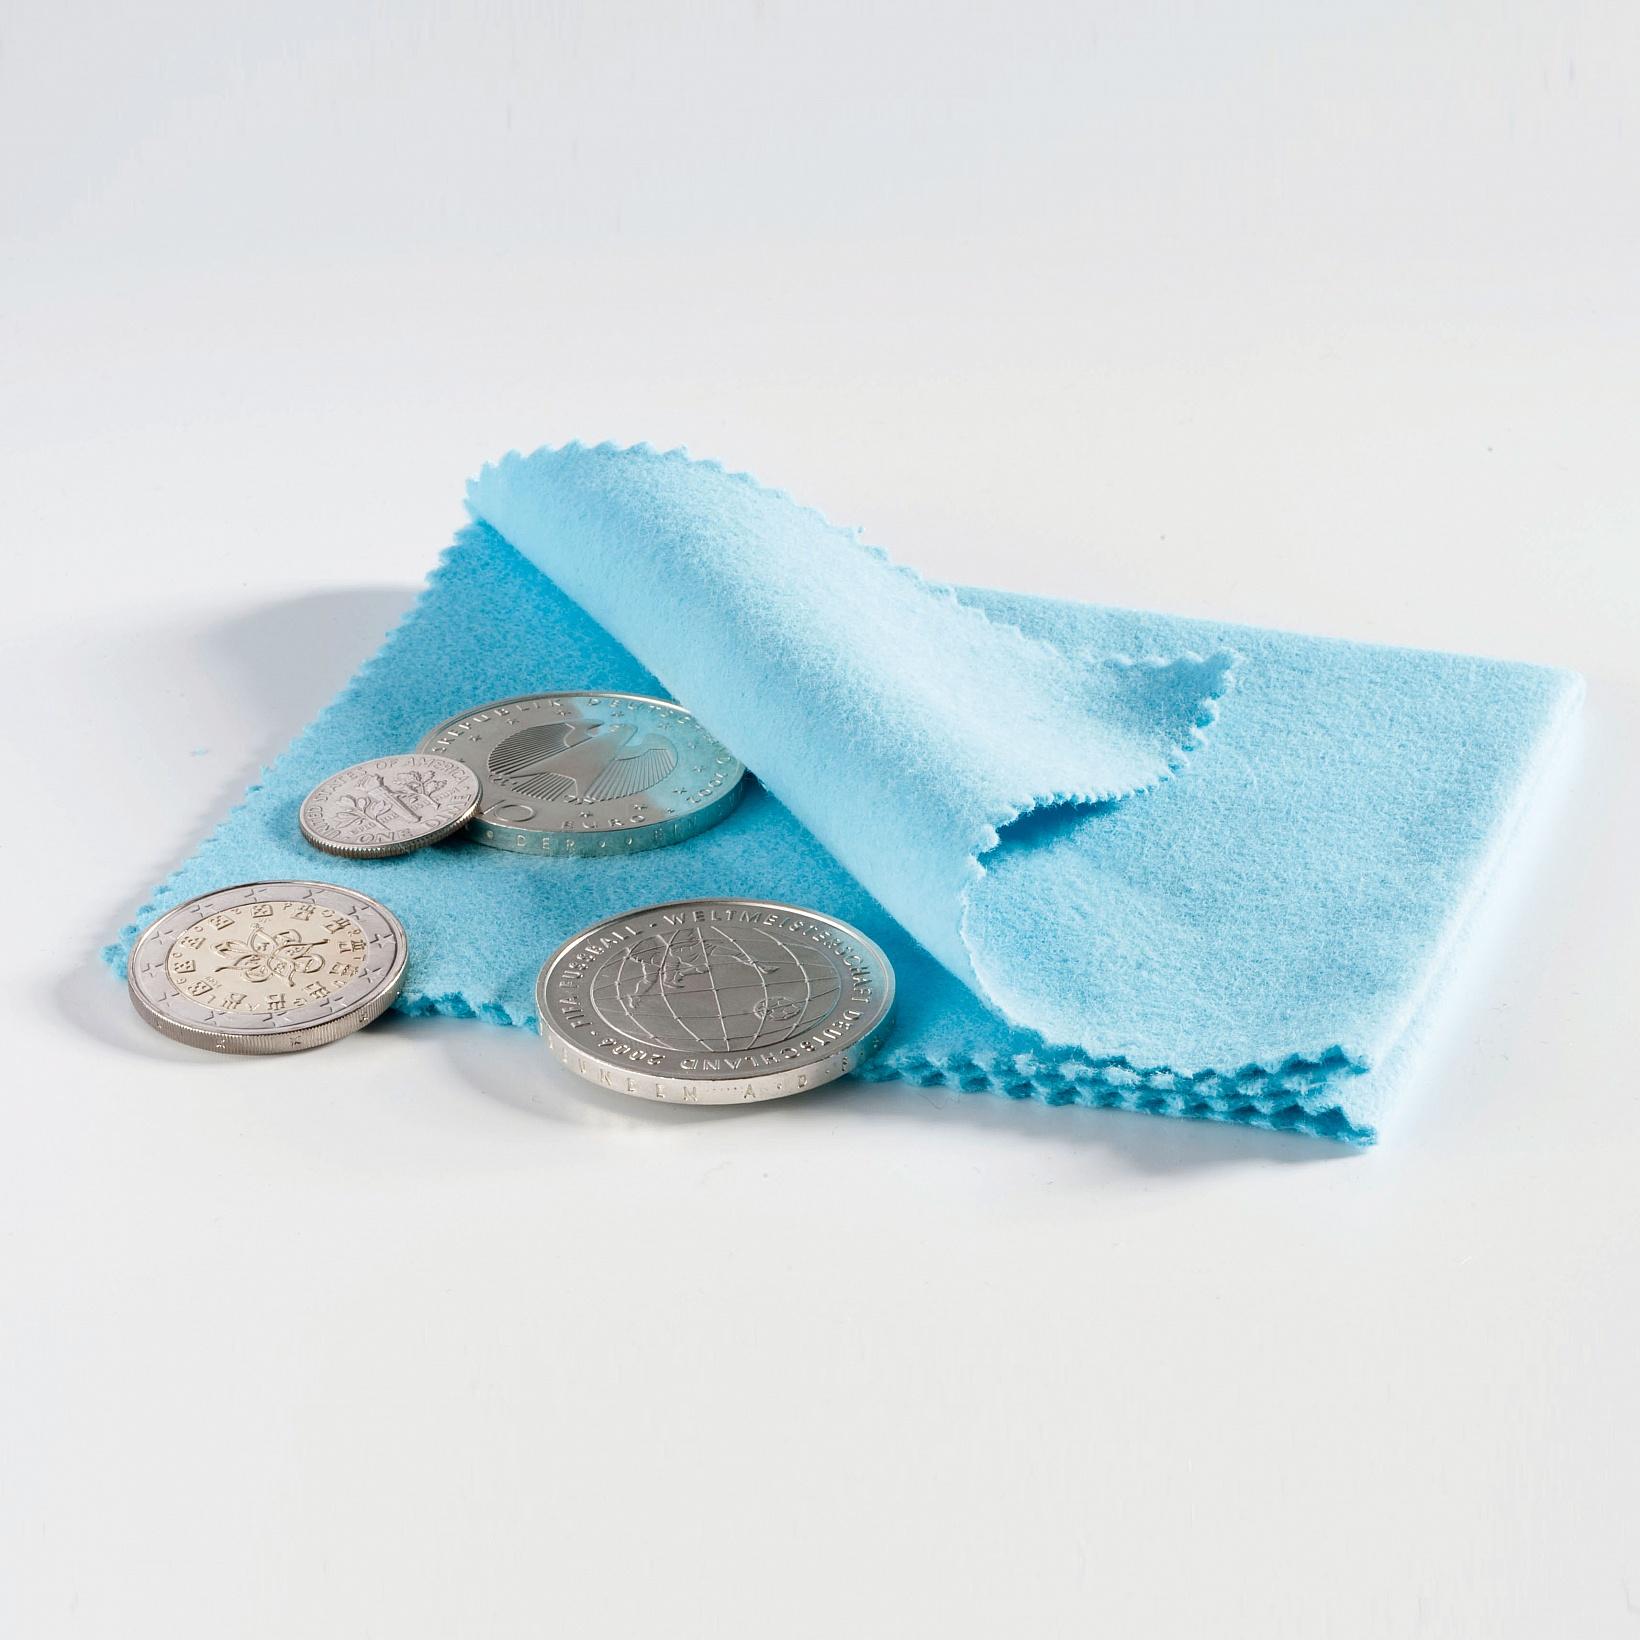 coin-polishing-cloth-blue